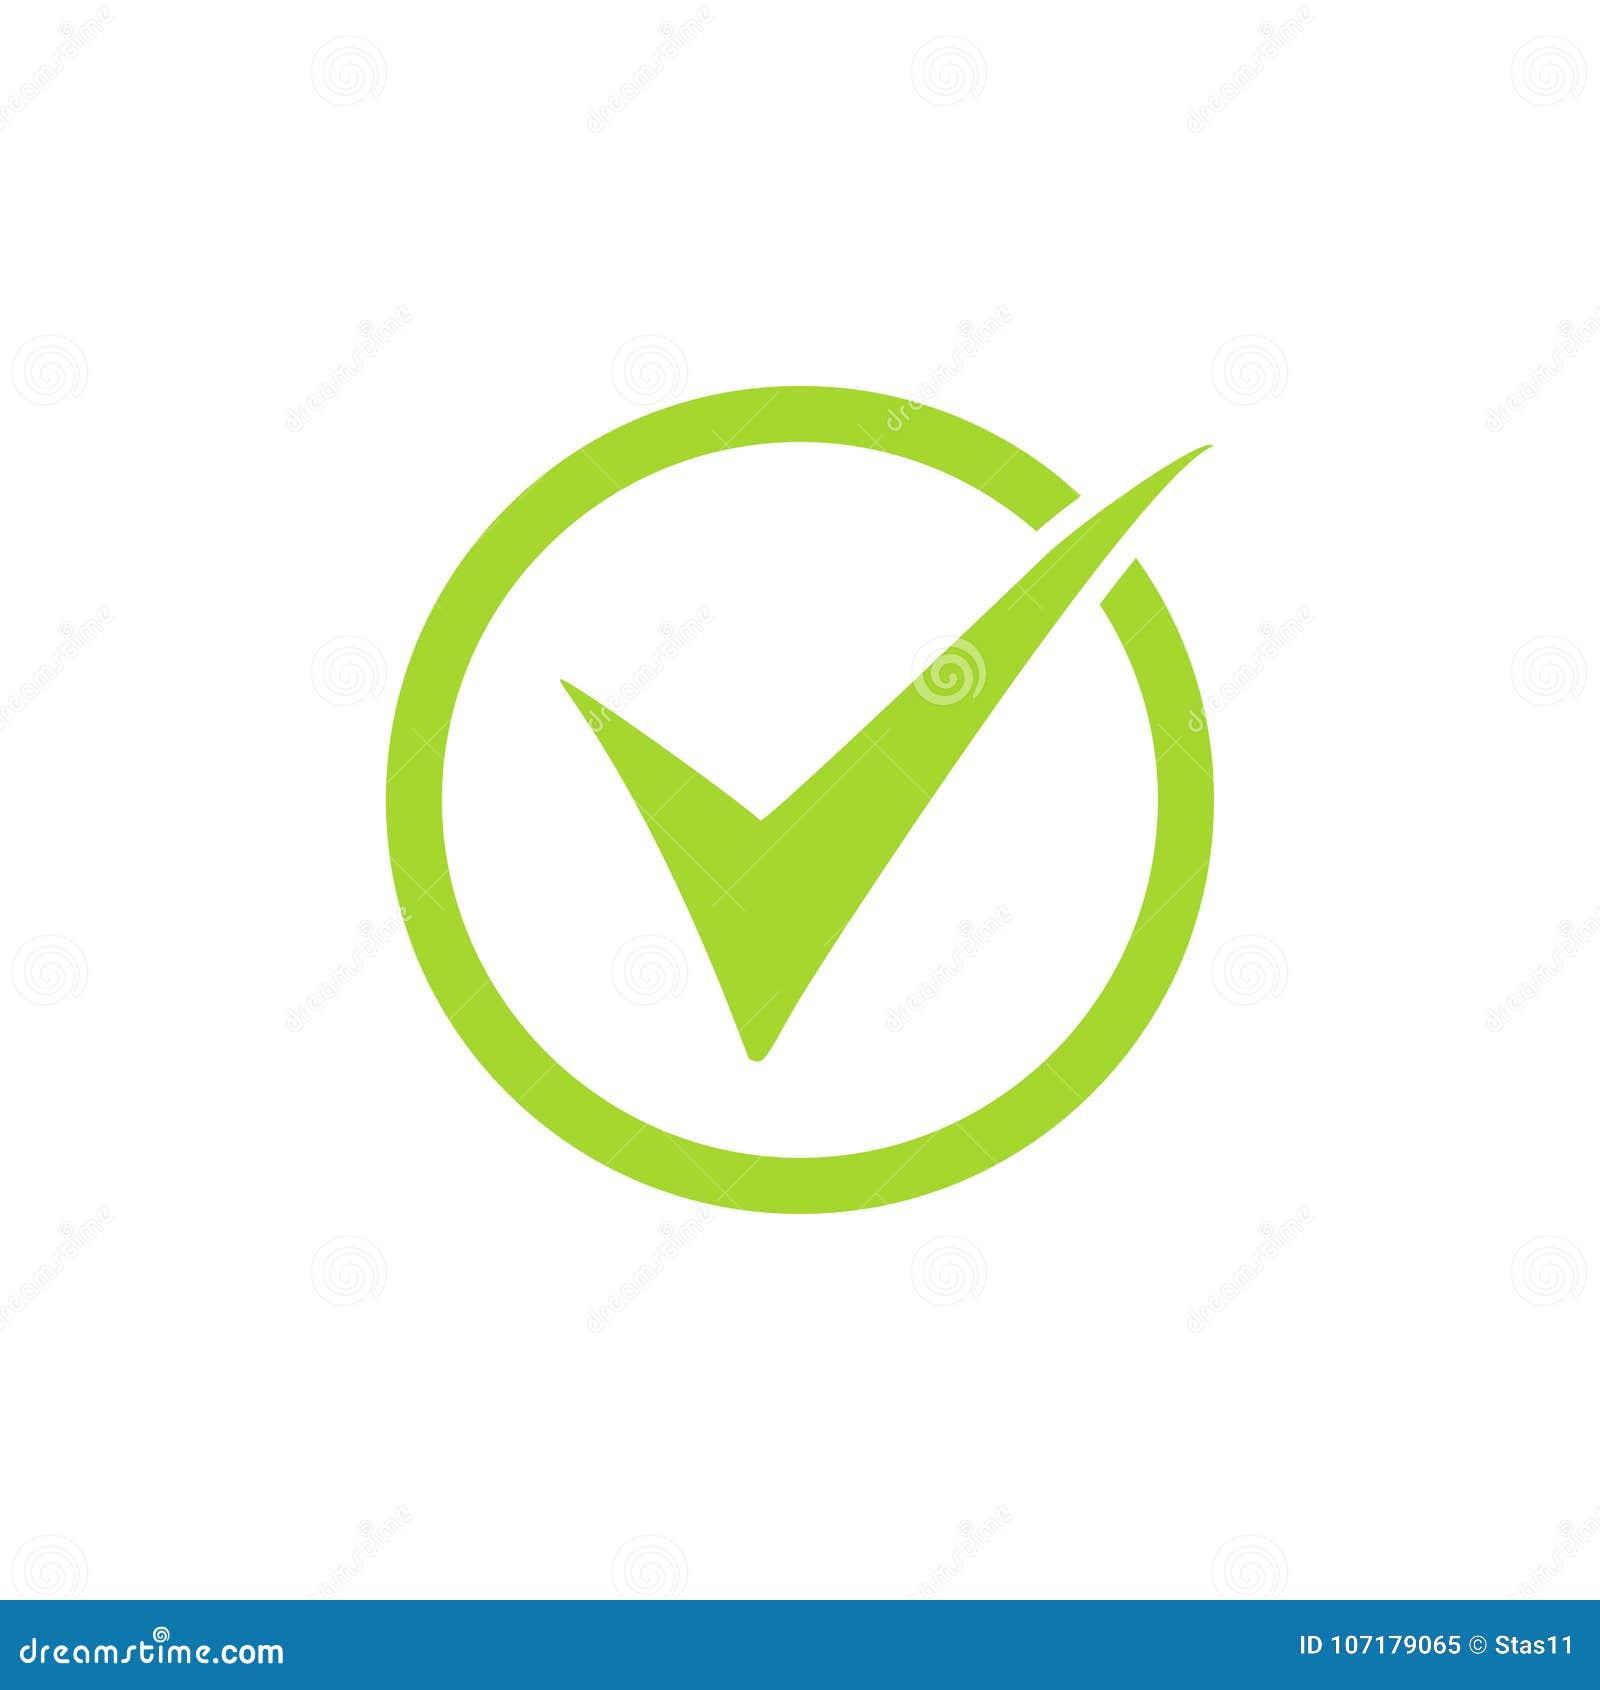 Το διανυσματικό σύμβολο εικονιδίων κροτώνων, πράσινο checkmark που απομονώθηκε στο άσπρο υπόβαθρο, έλεγξε το εικονίδιο ή το σωστό